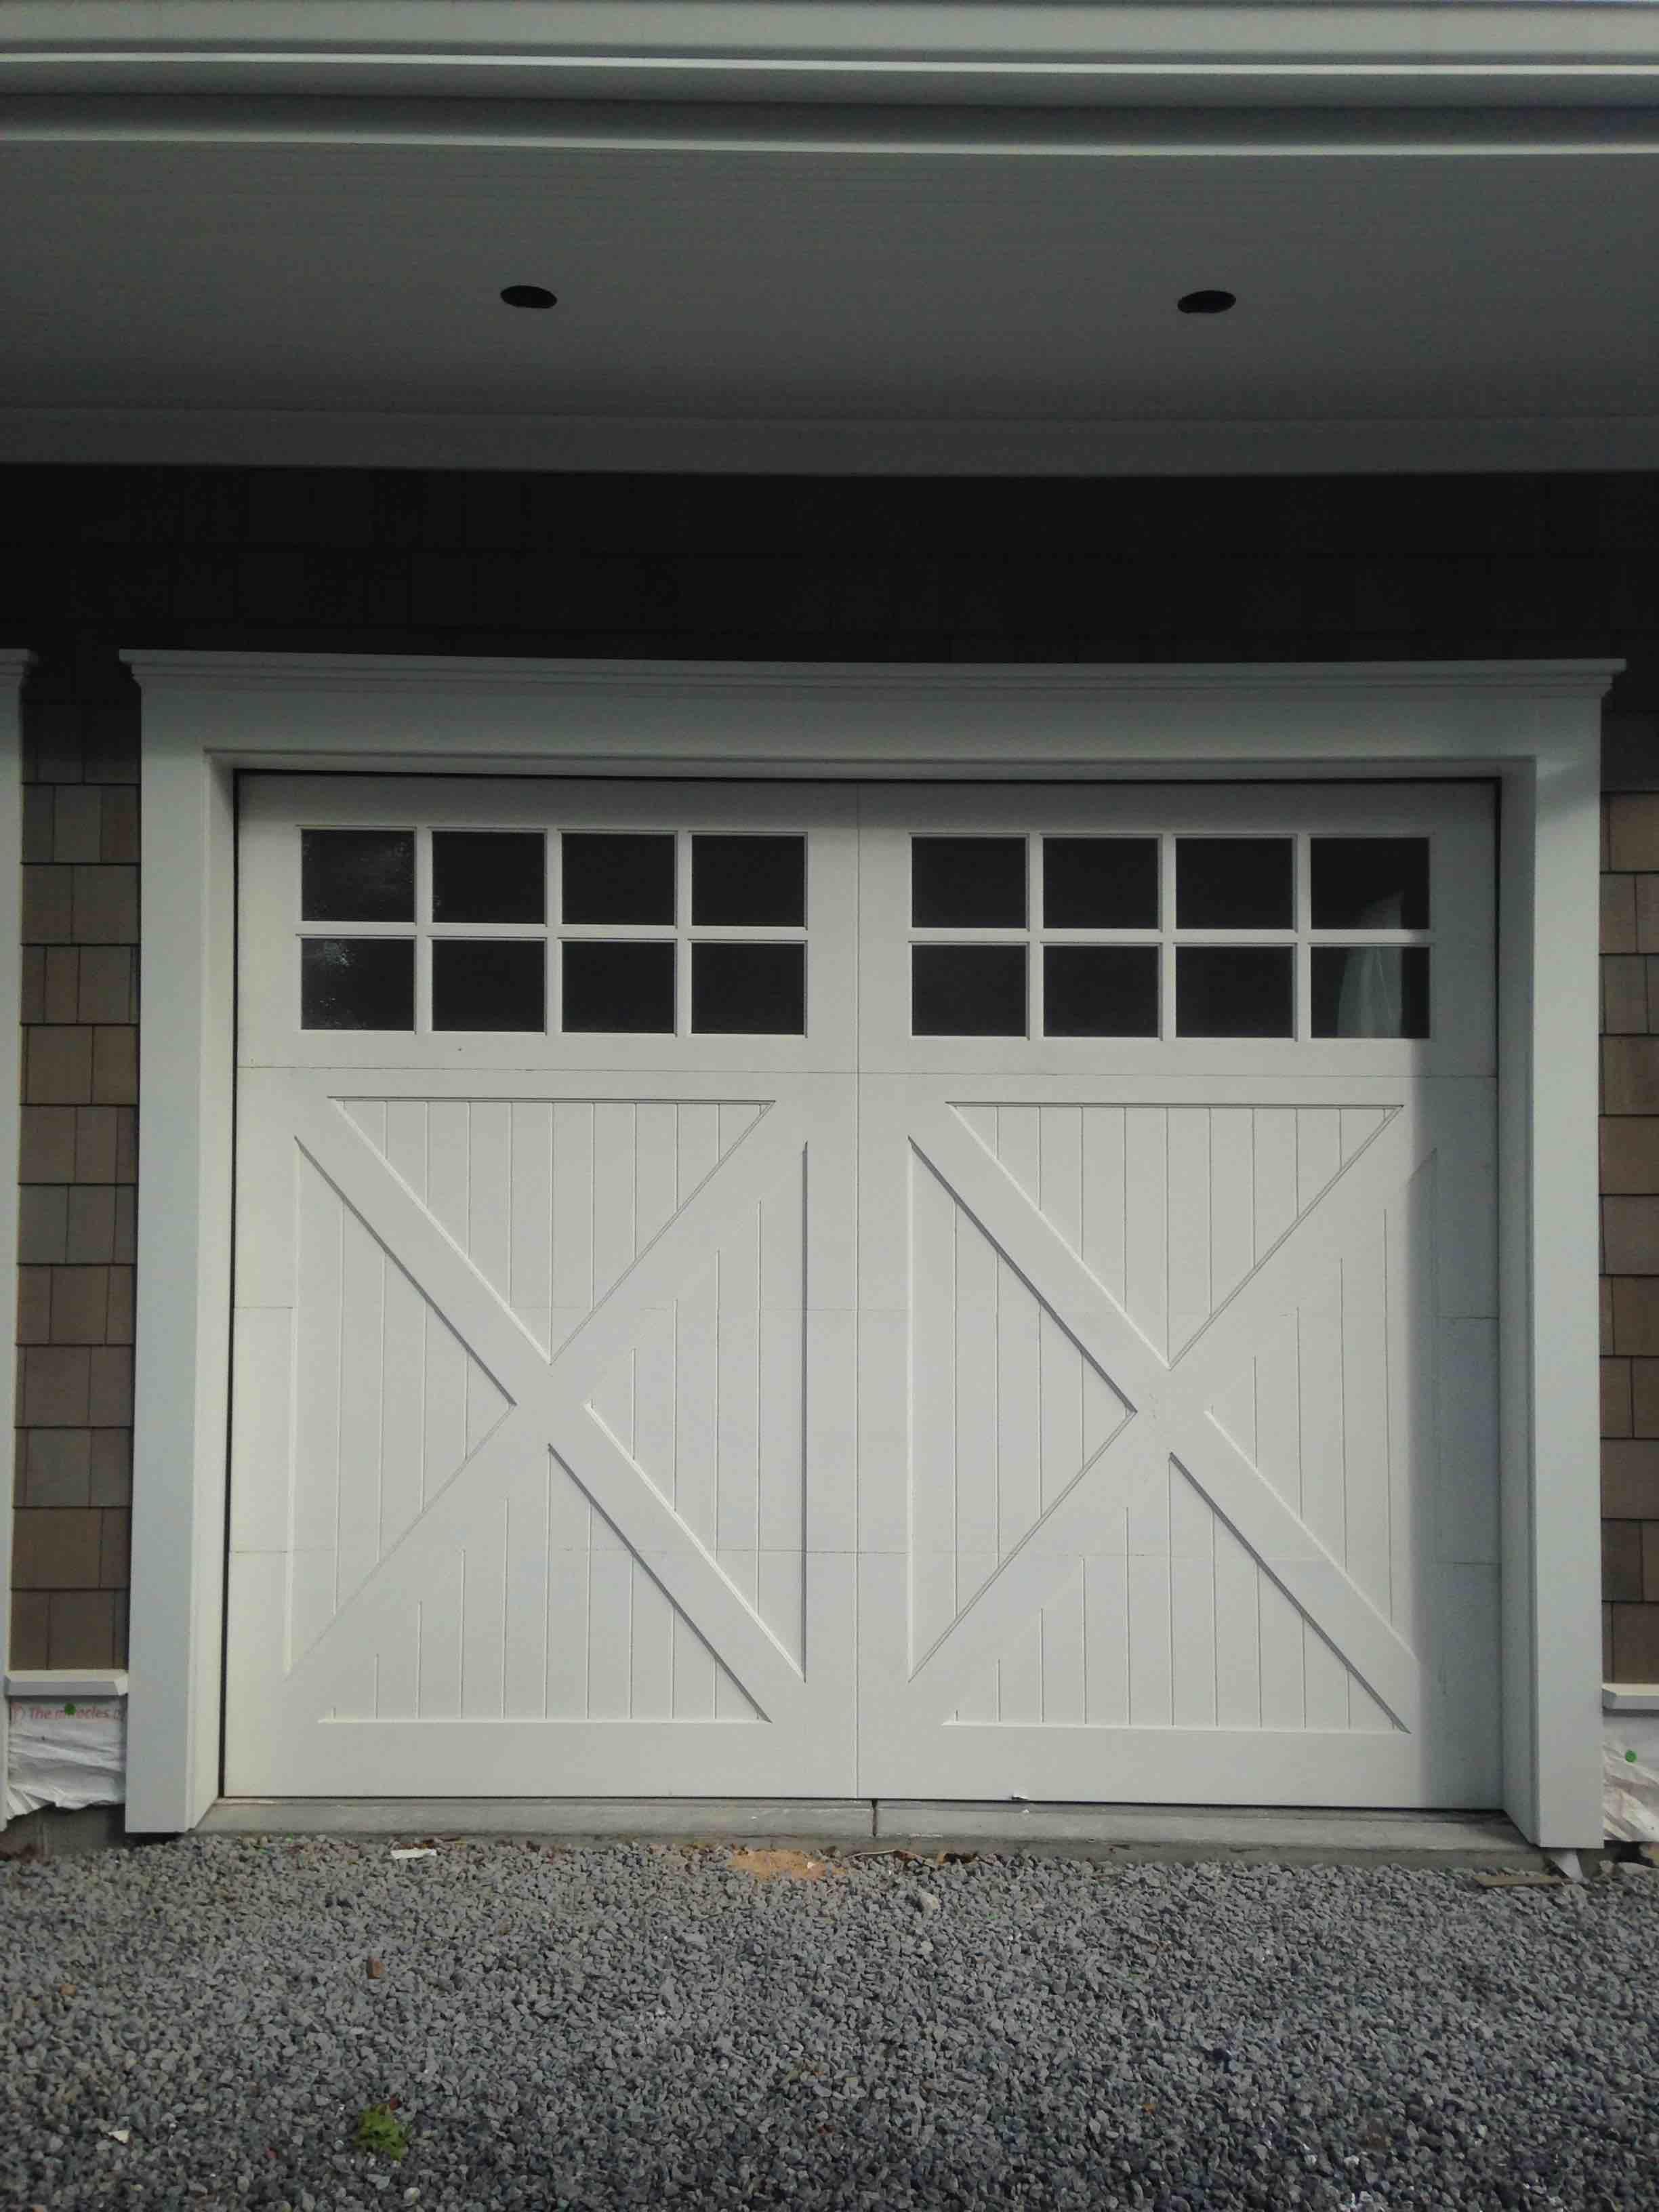 3264 #584F4A  Garage Garage Door Doctor $ 105 Garage Door Tune Up Garage Door Doctor save image Ab Garage Doors 36472448